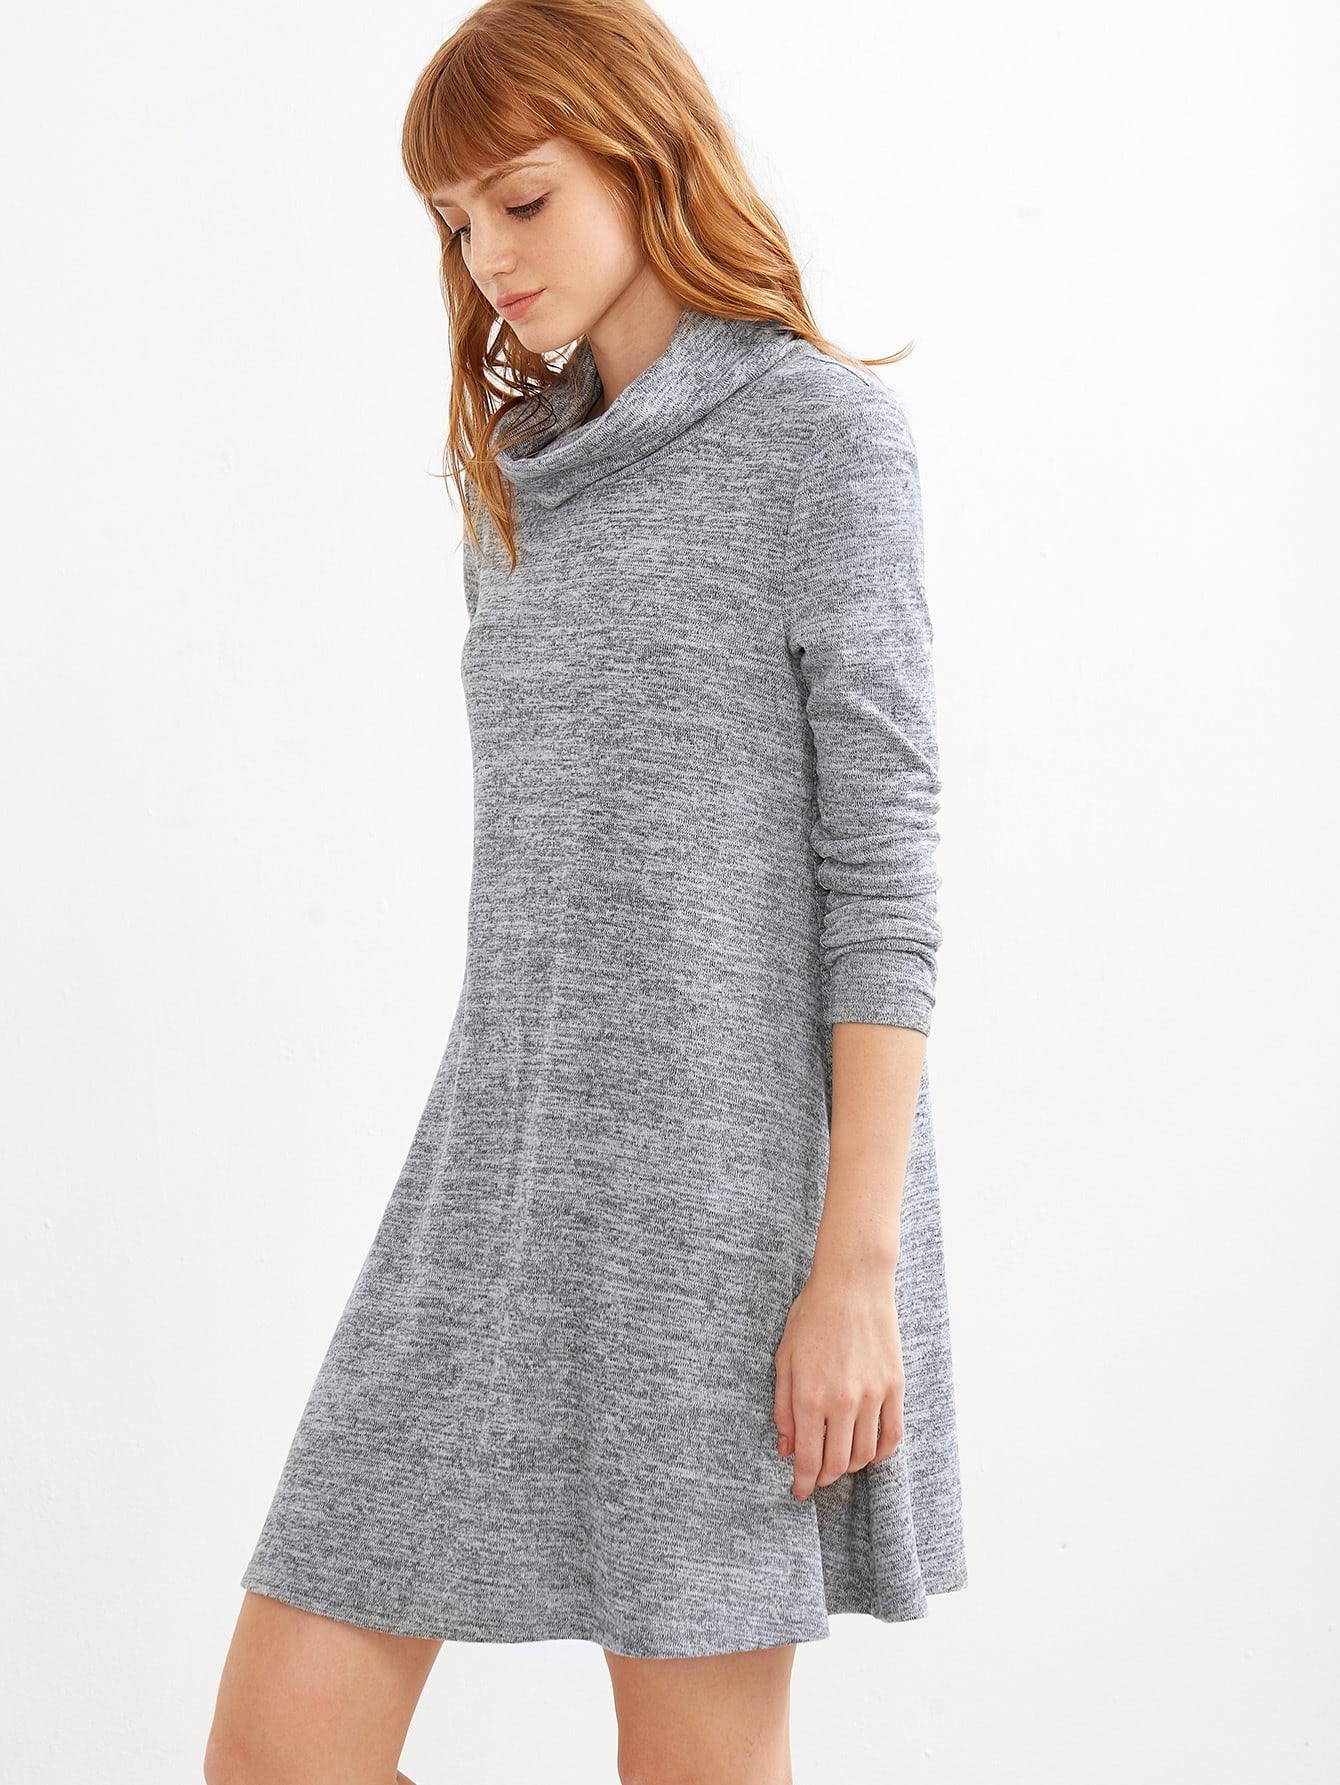 Marled Knit Swing Dress heather knit swing dress